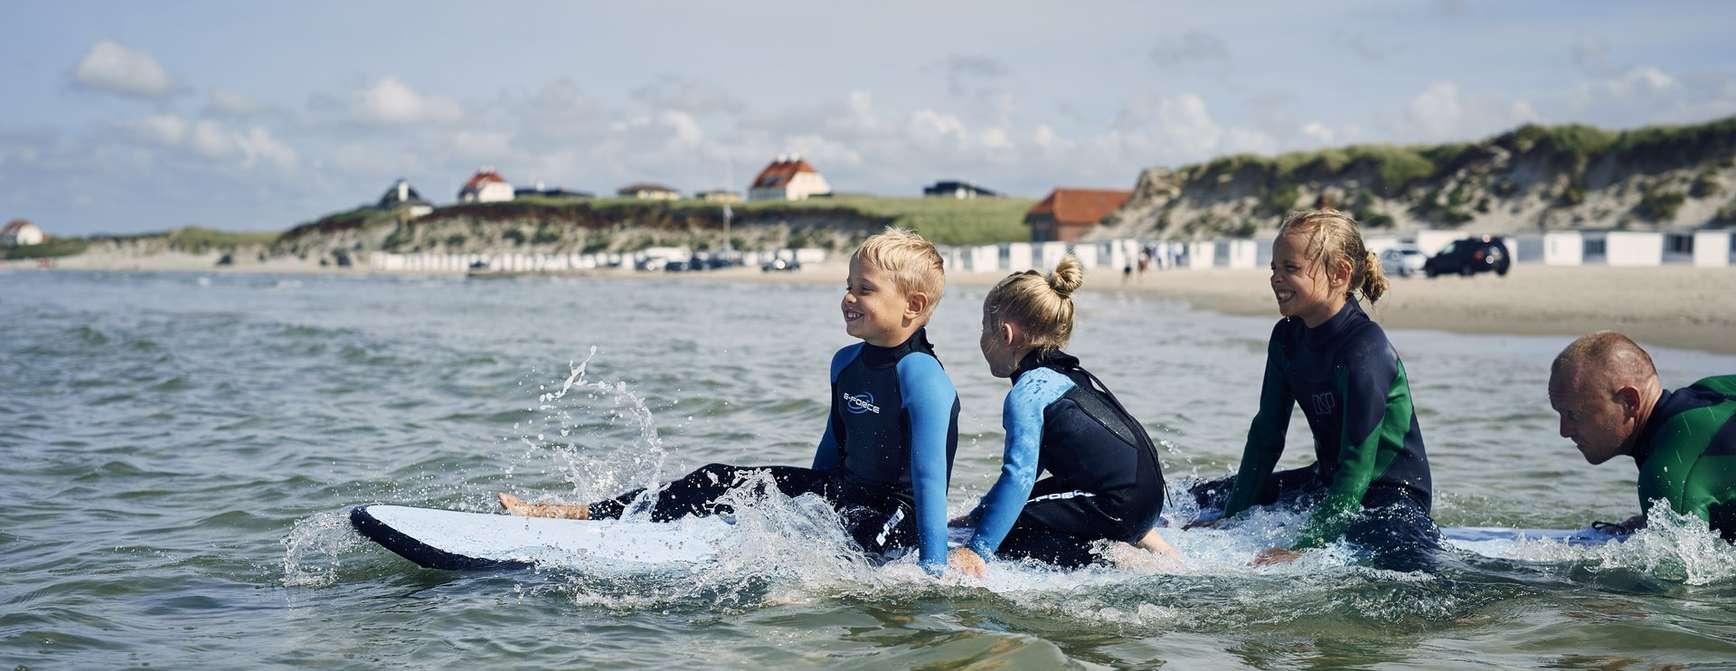 Moro for liten. Moro for stor. Vann er sentralt i Løkken. Foto: Visit Denmark/© Niclas Jessen